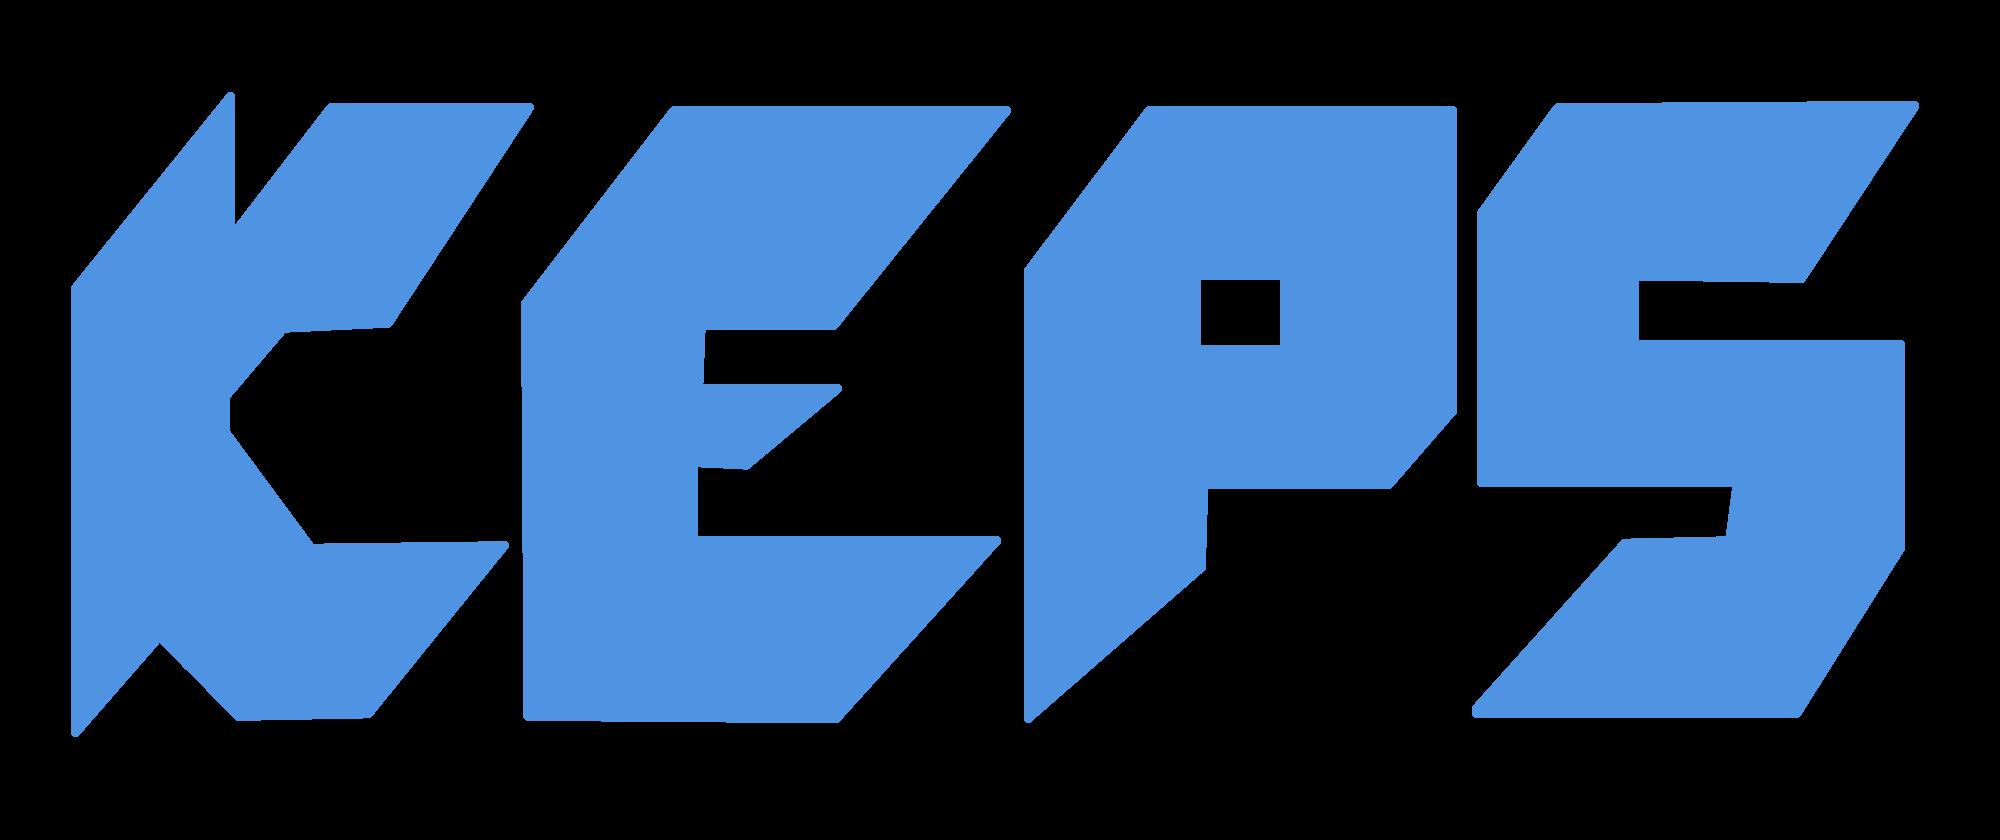 KEPS, s.r.o. Logo